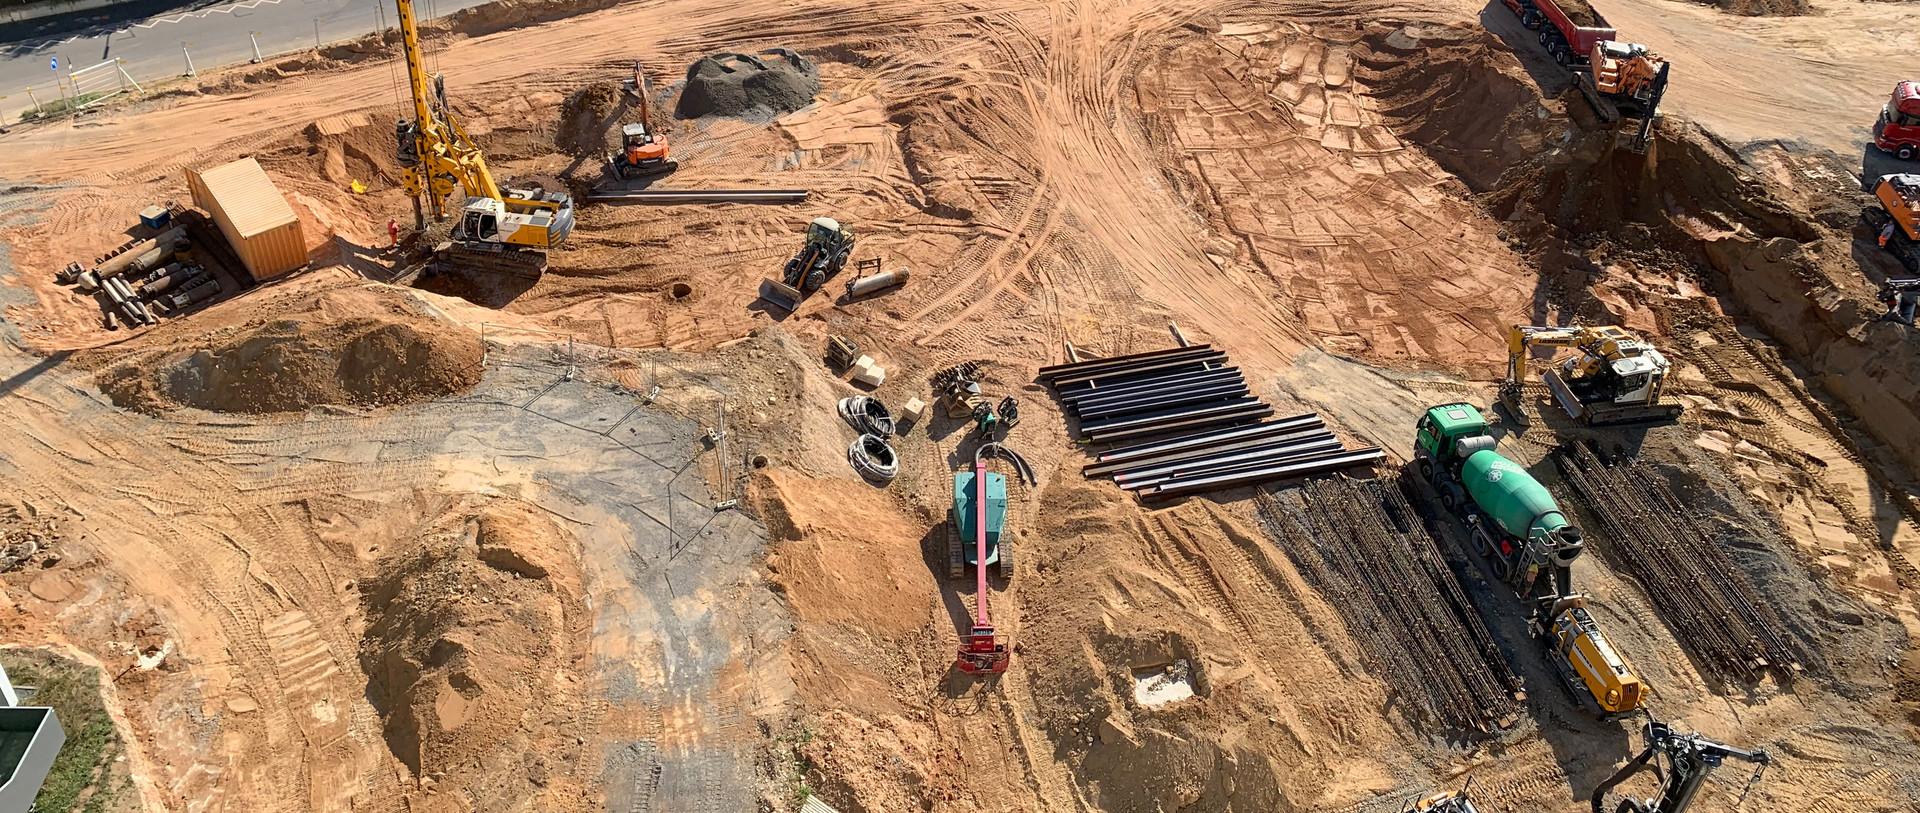 Baustelle-von-oben.jpg